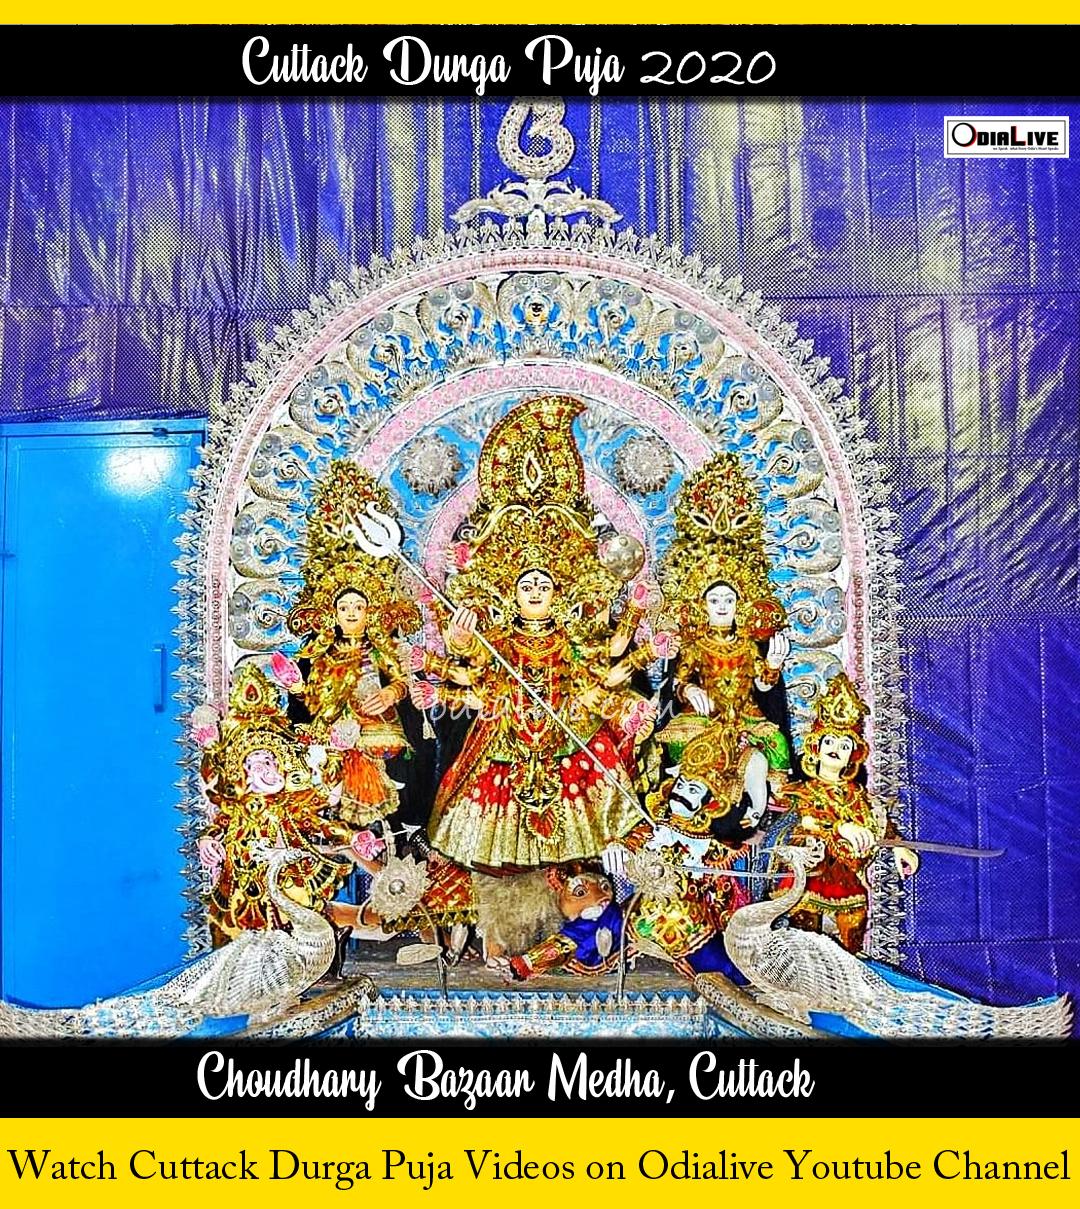 Cuttack Durga Puja 2020 Images